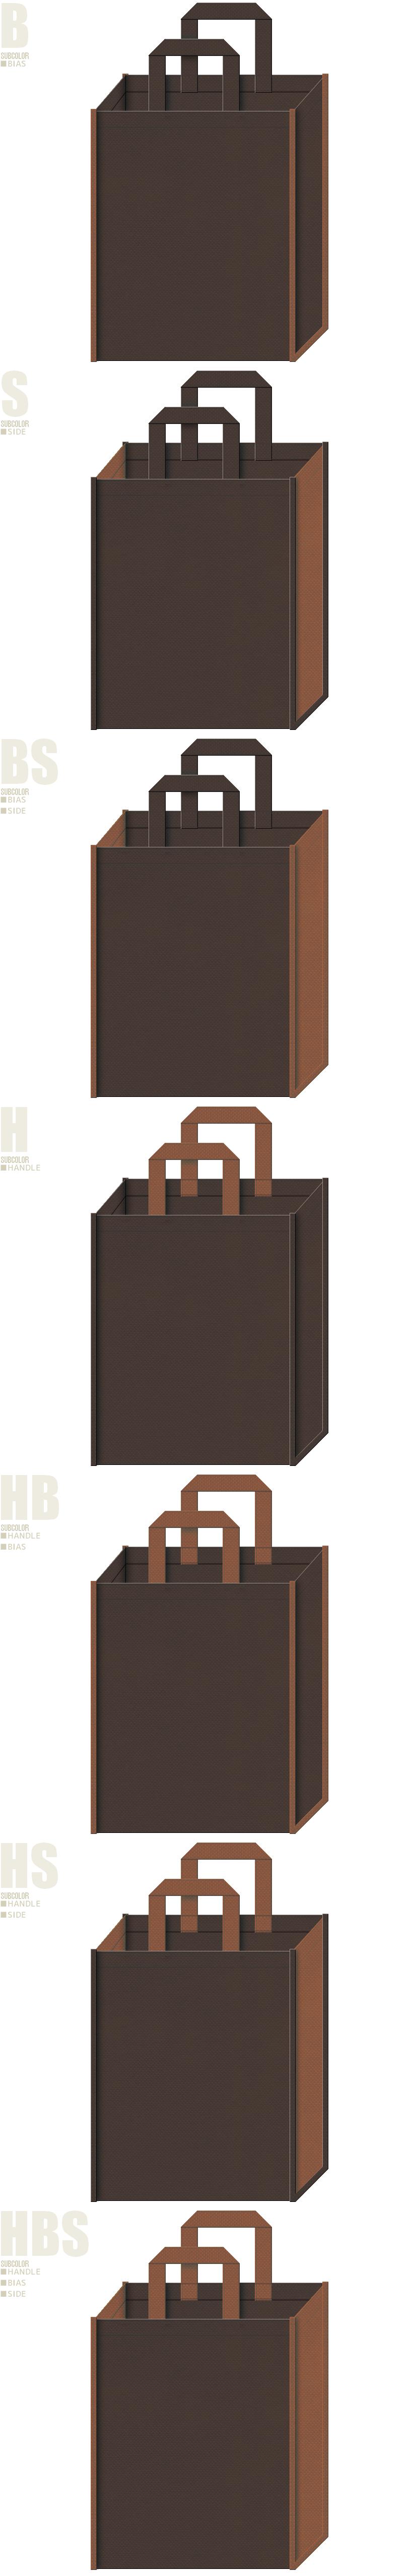 こげ茶色と茶色、7パターンの不織布トートバッグ配色デザイン例。コーヒー用品の展示会用バッグ、乗馬クラブのバッグノベルティにお奨めです。ショコラケーキ、サラブレッドのイメージ。